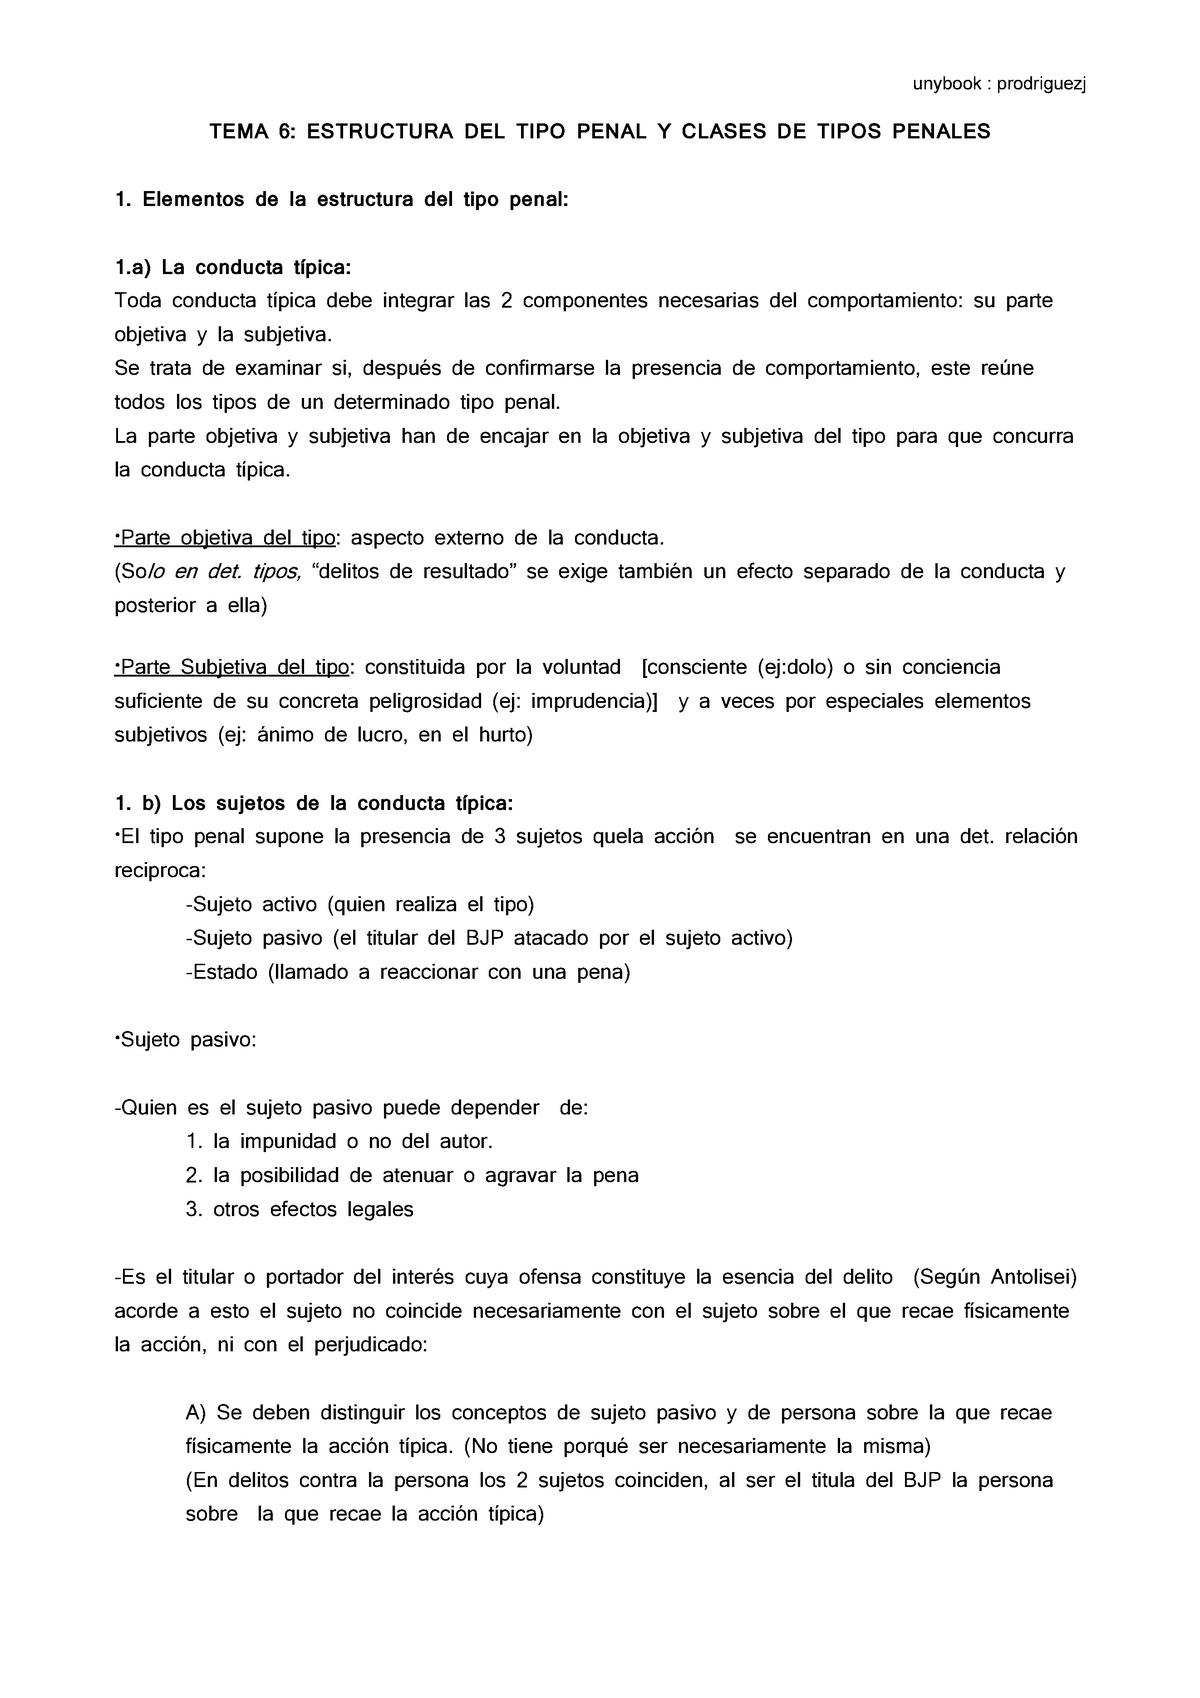 Tema 6 Estructura Del Tipo Penal Y Clases De Tipos Penales